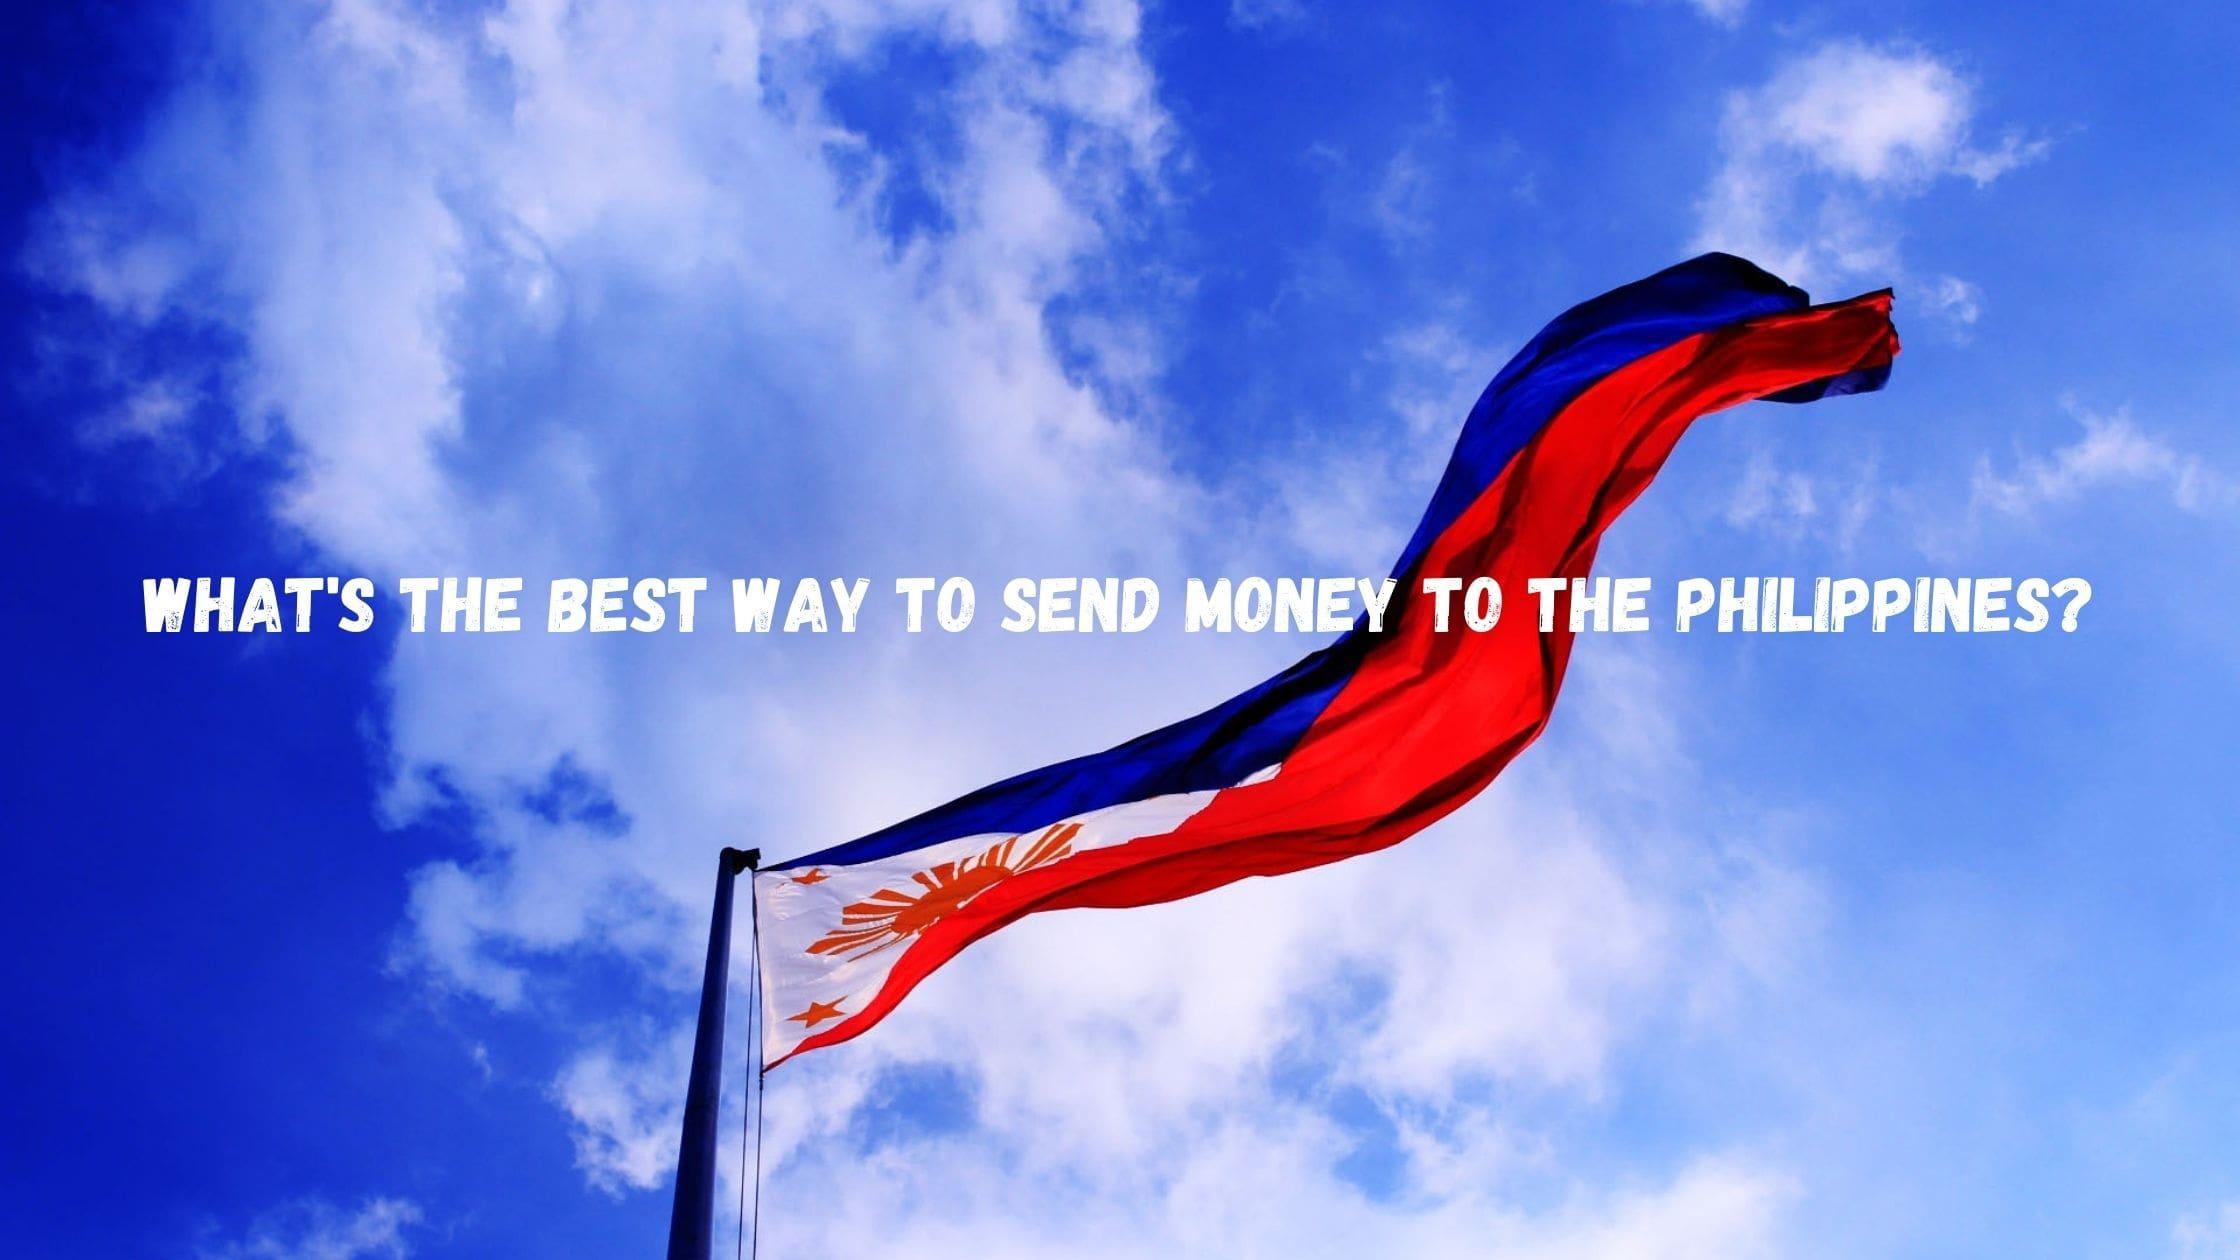 【早い・安い・簡単】フィリピンへの送金で一番お得な方法とは?